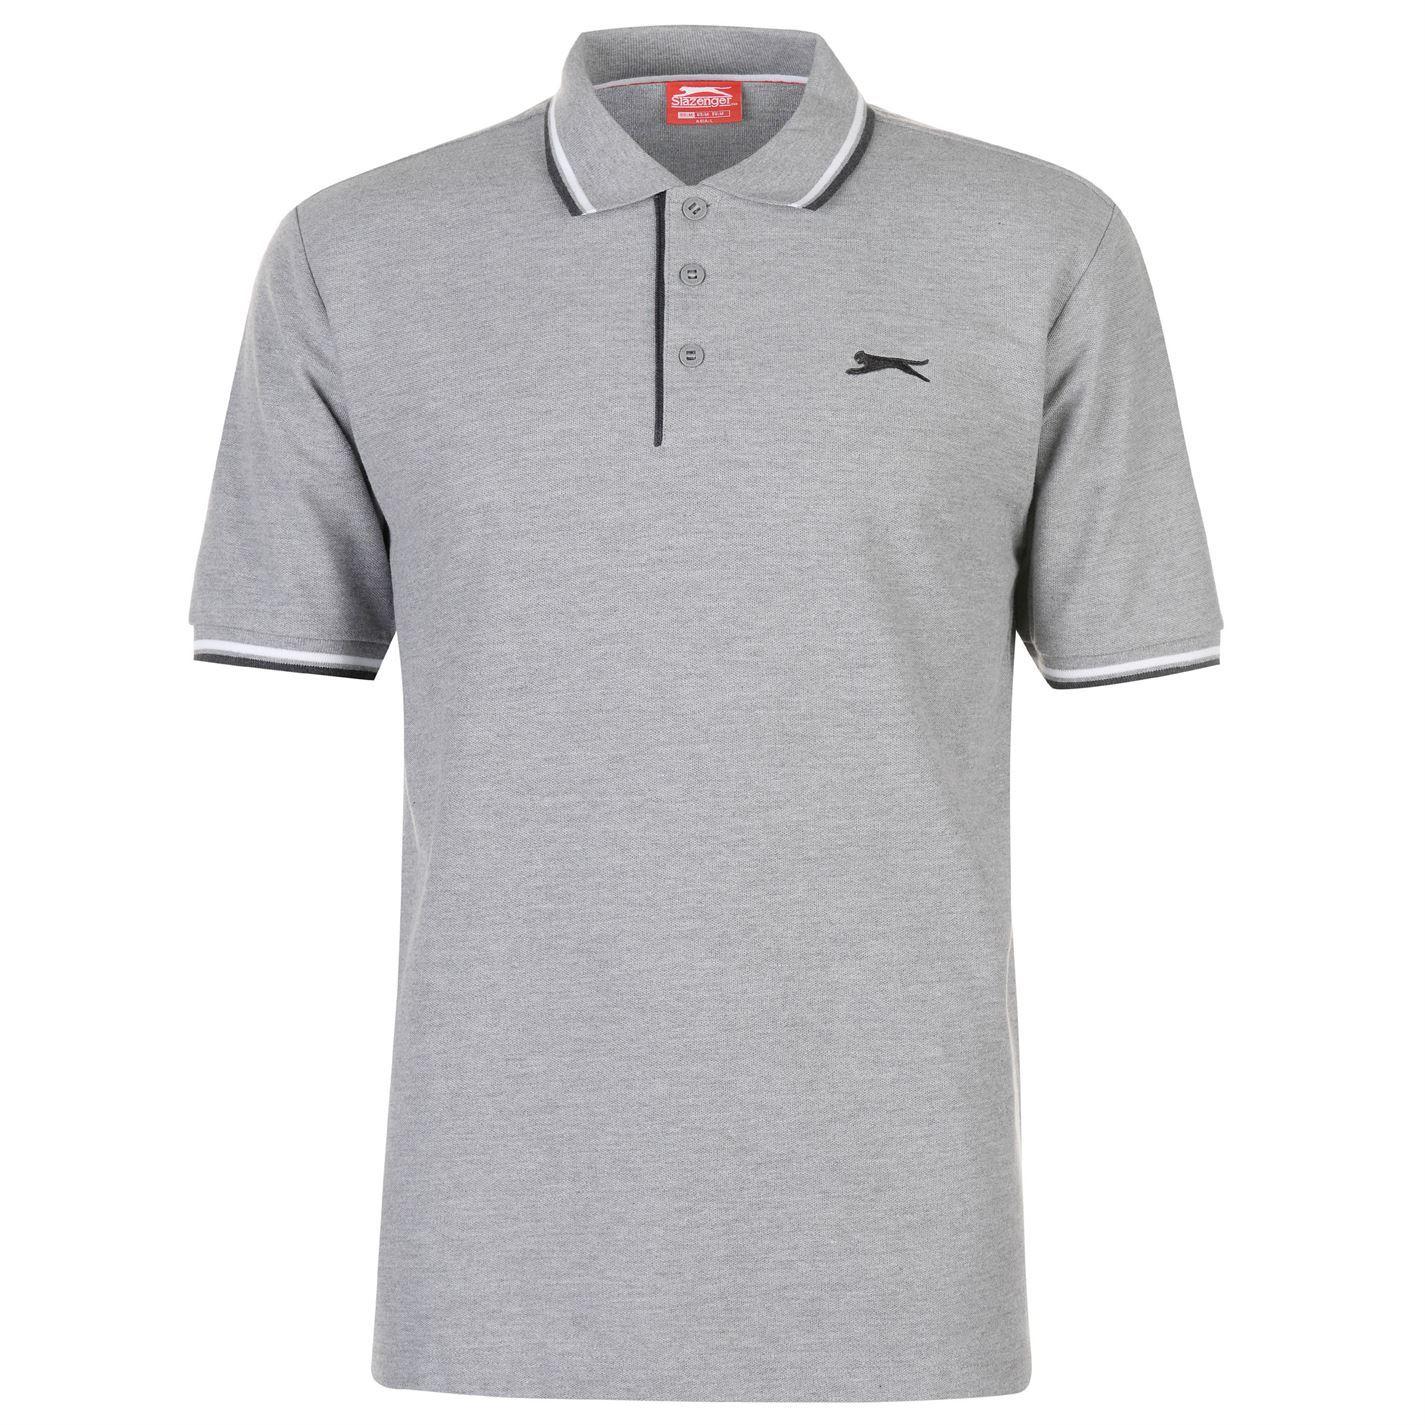 Slazenger-Polo-Camisa-de-hombre-con-cuello-con-Punta-T-Shirt-Top-Camiseta-Tee miniatura 40